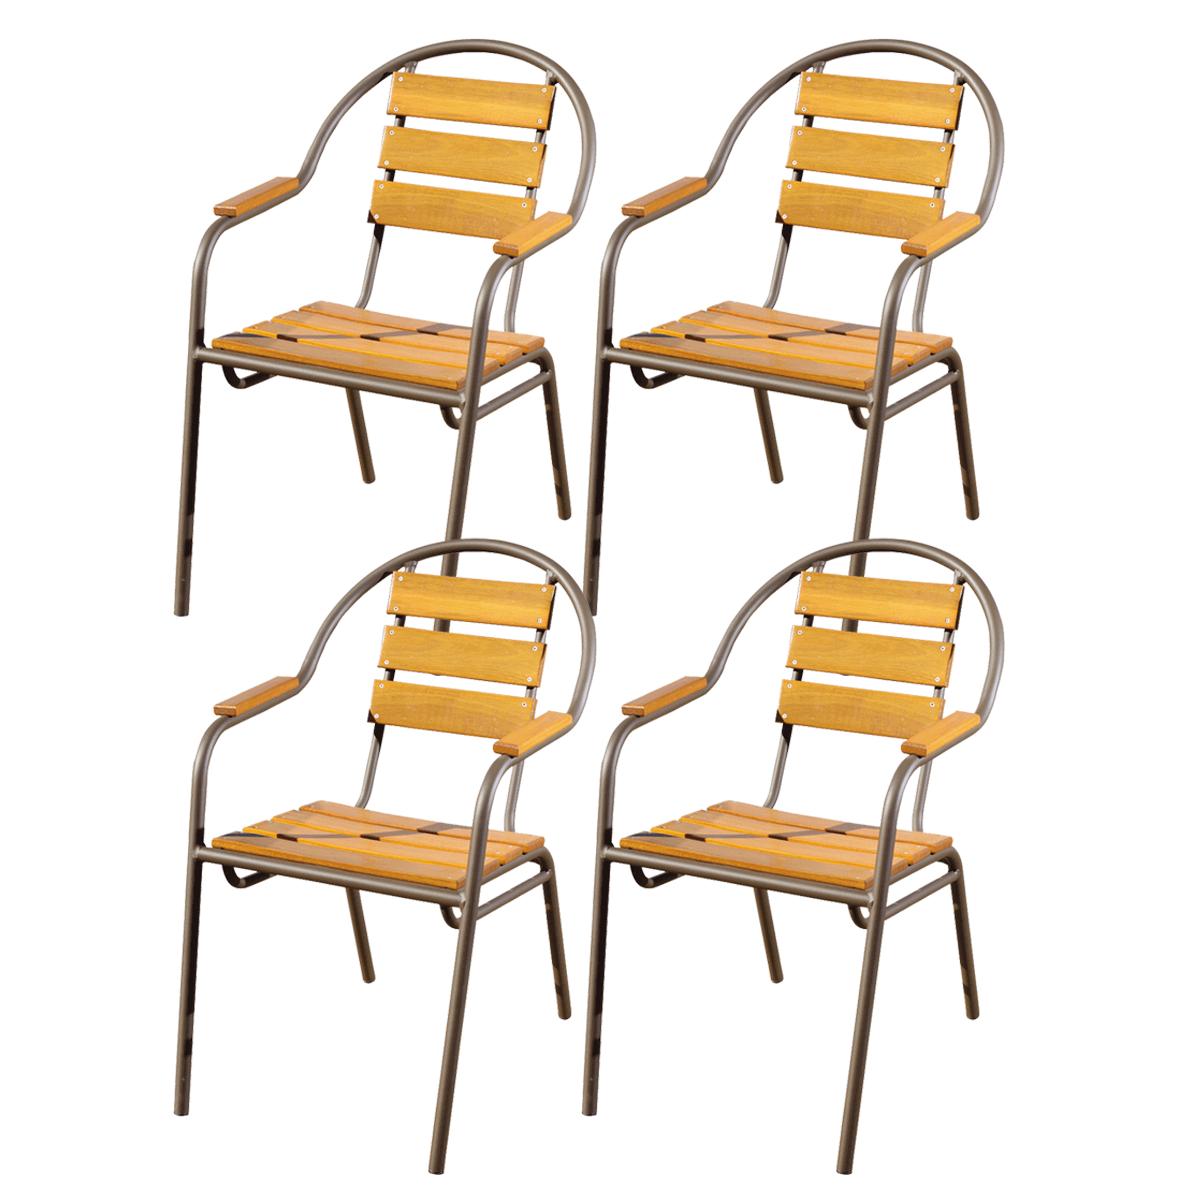 Kit 04 Cadeiras/Poltronas em Madeira e Alumínio Pintado em Preto CMAC44.P